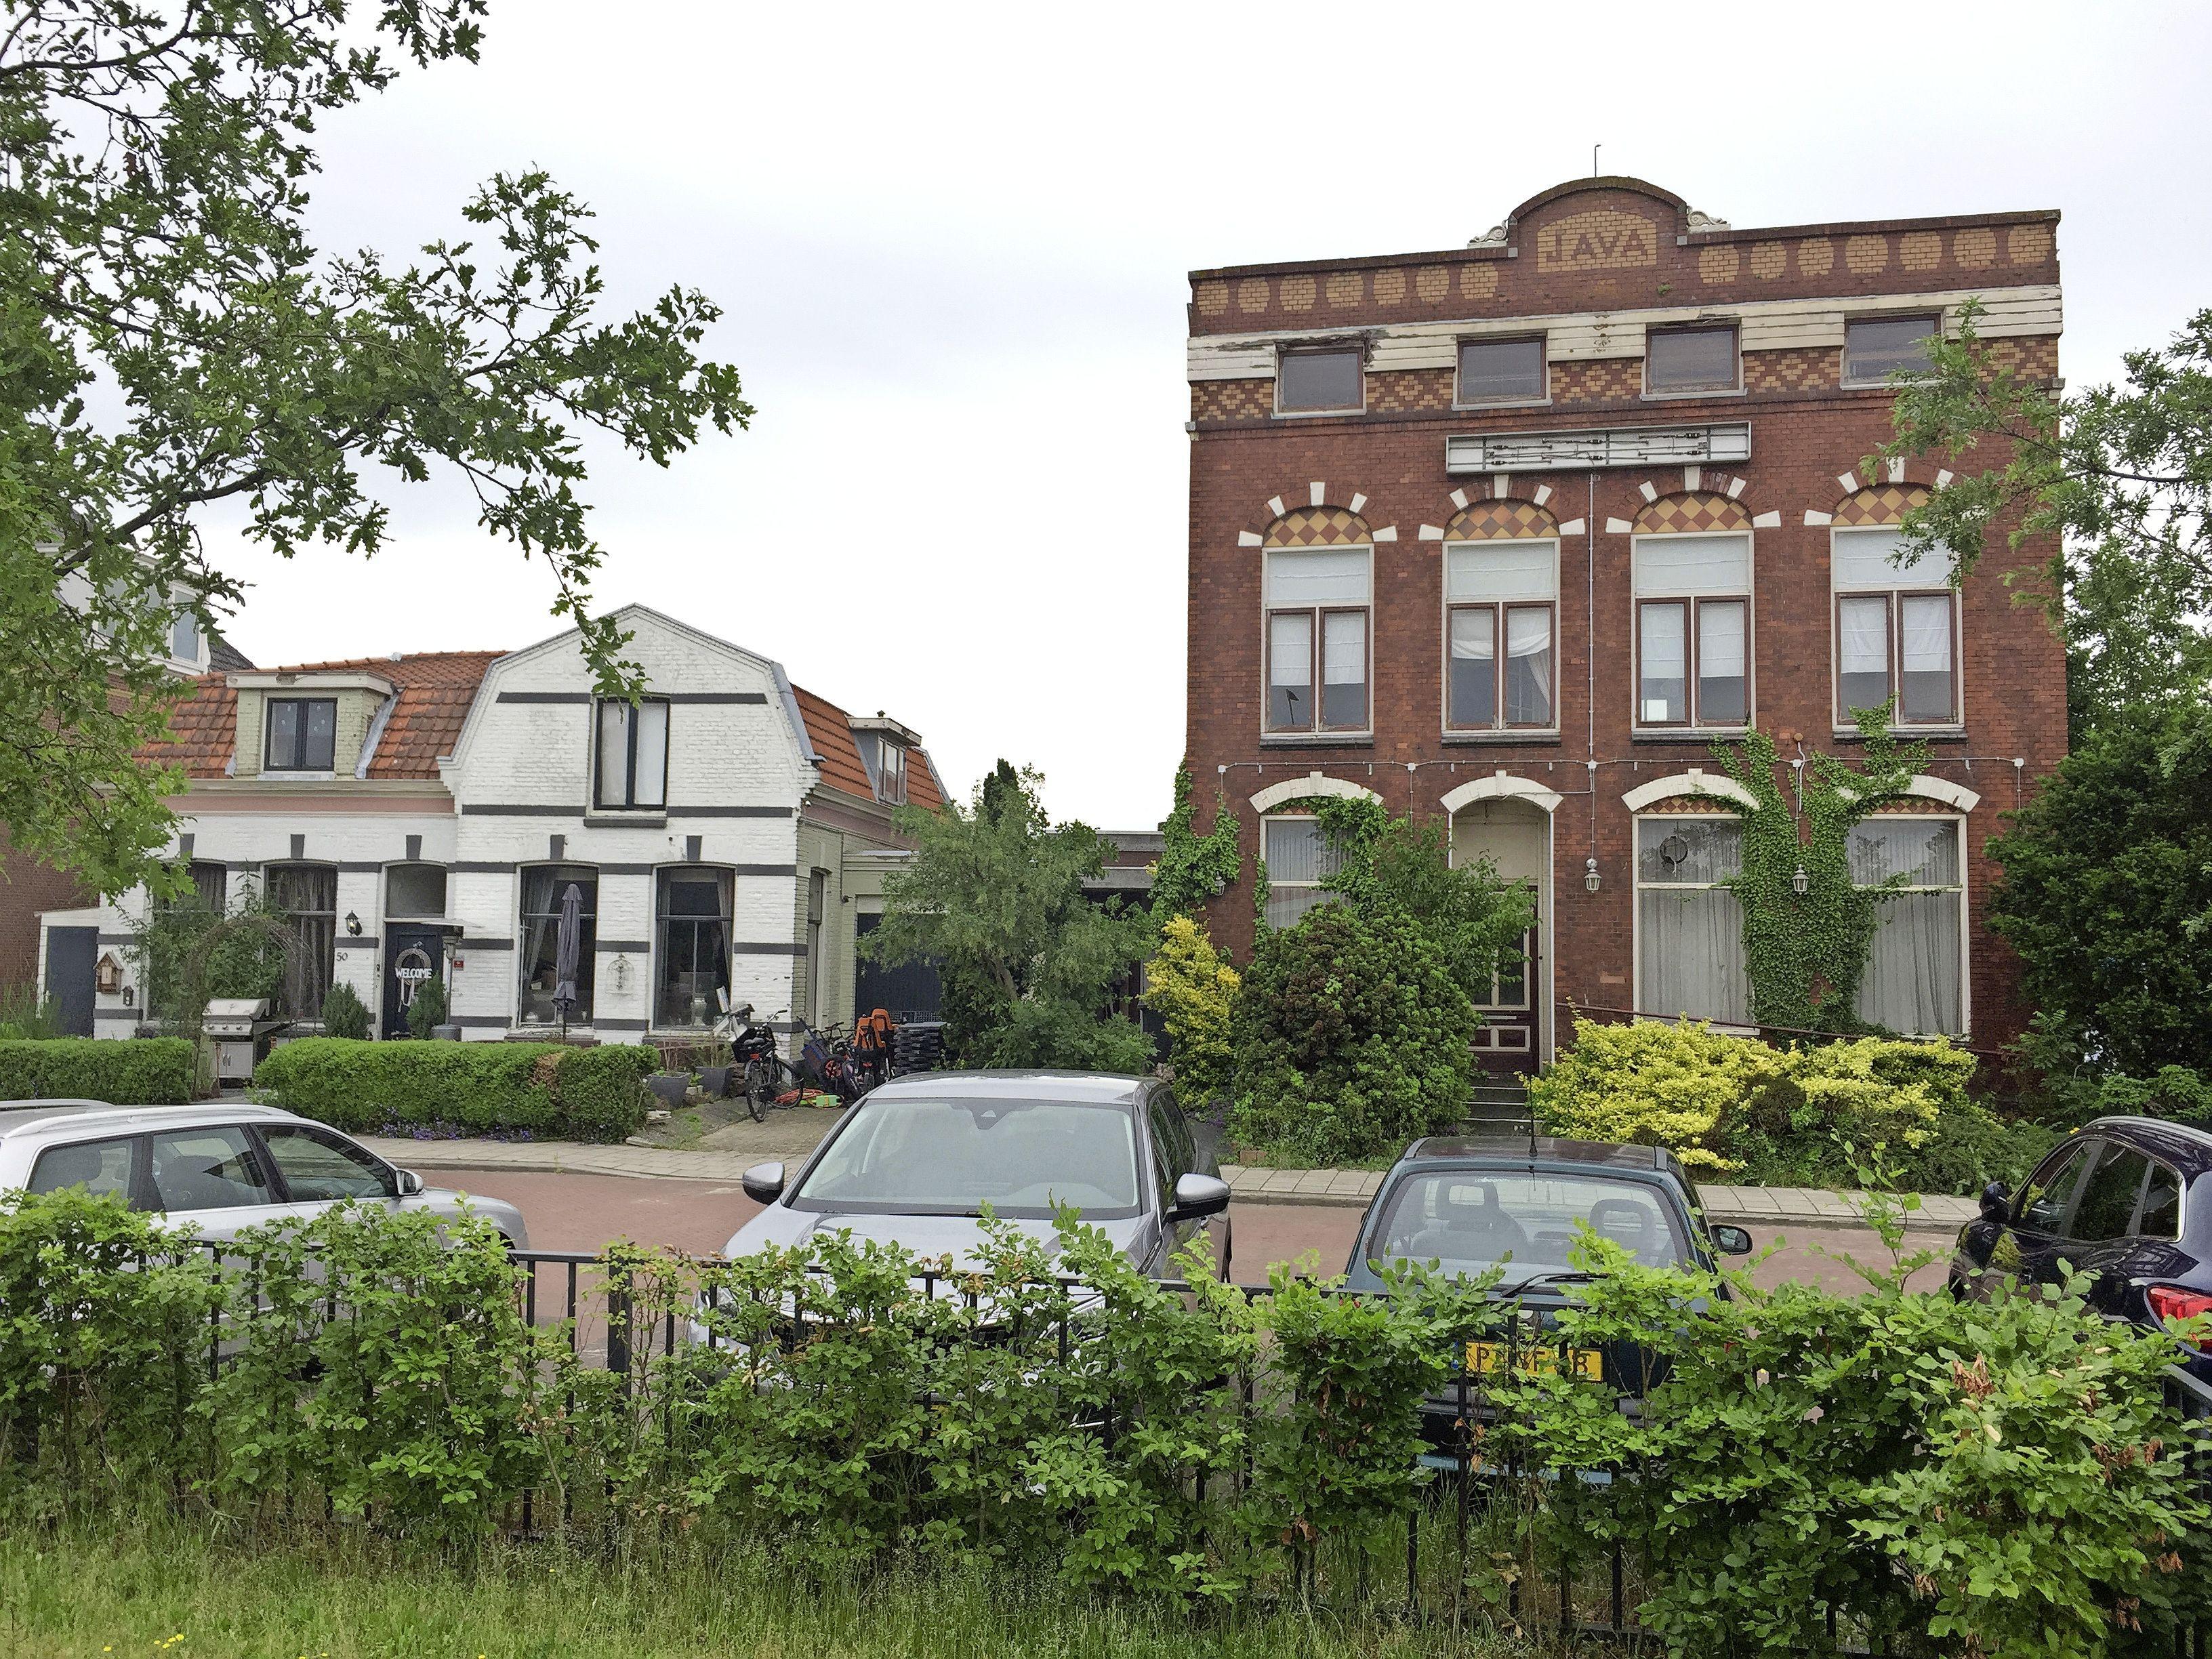 Doek valt voor Hillegoms erfgoed: meerderheid raad kiest voor sloop Java-gebouw